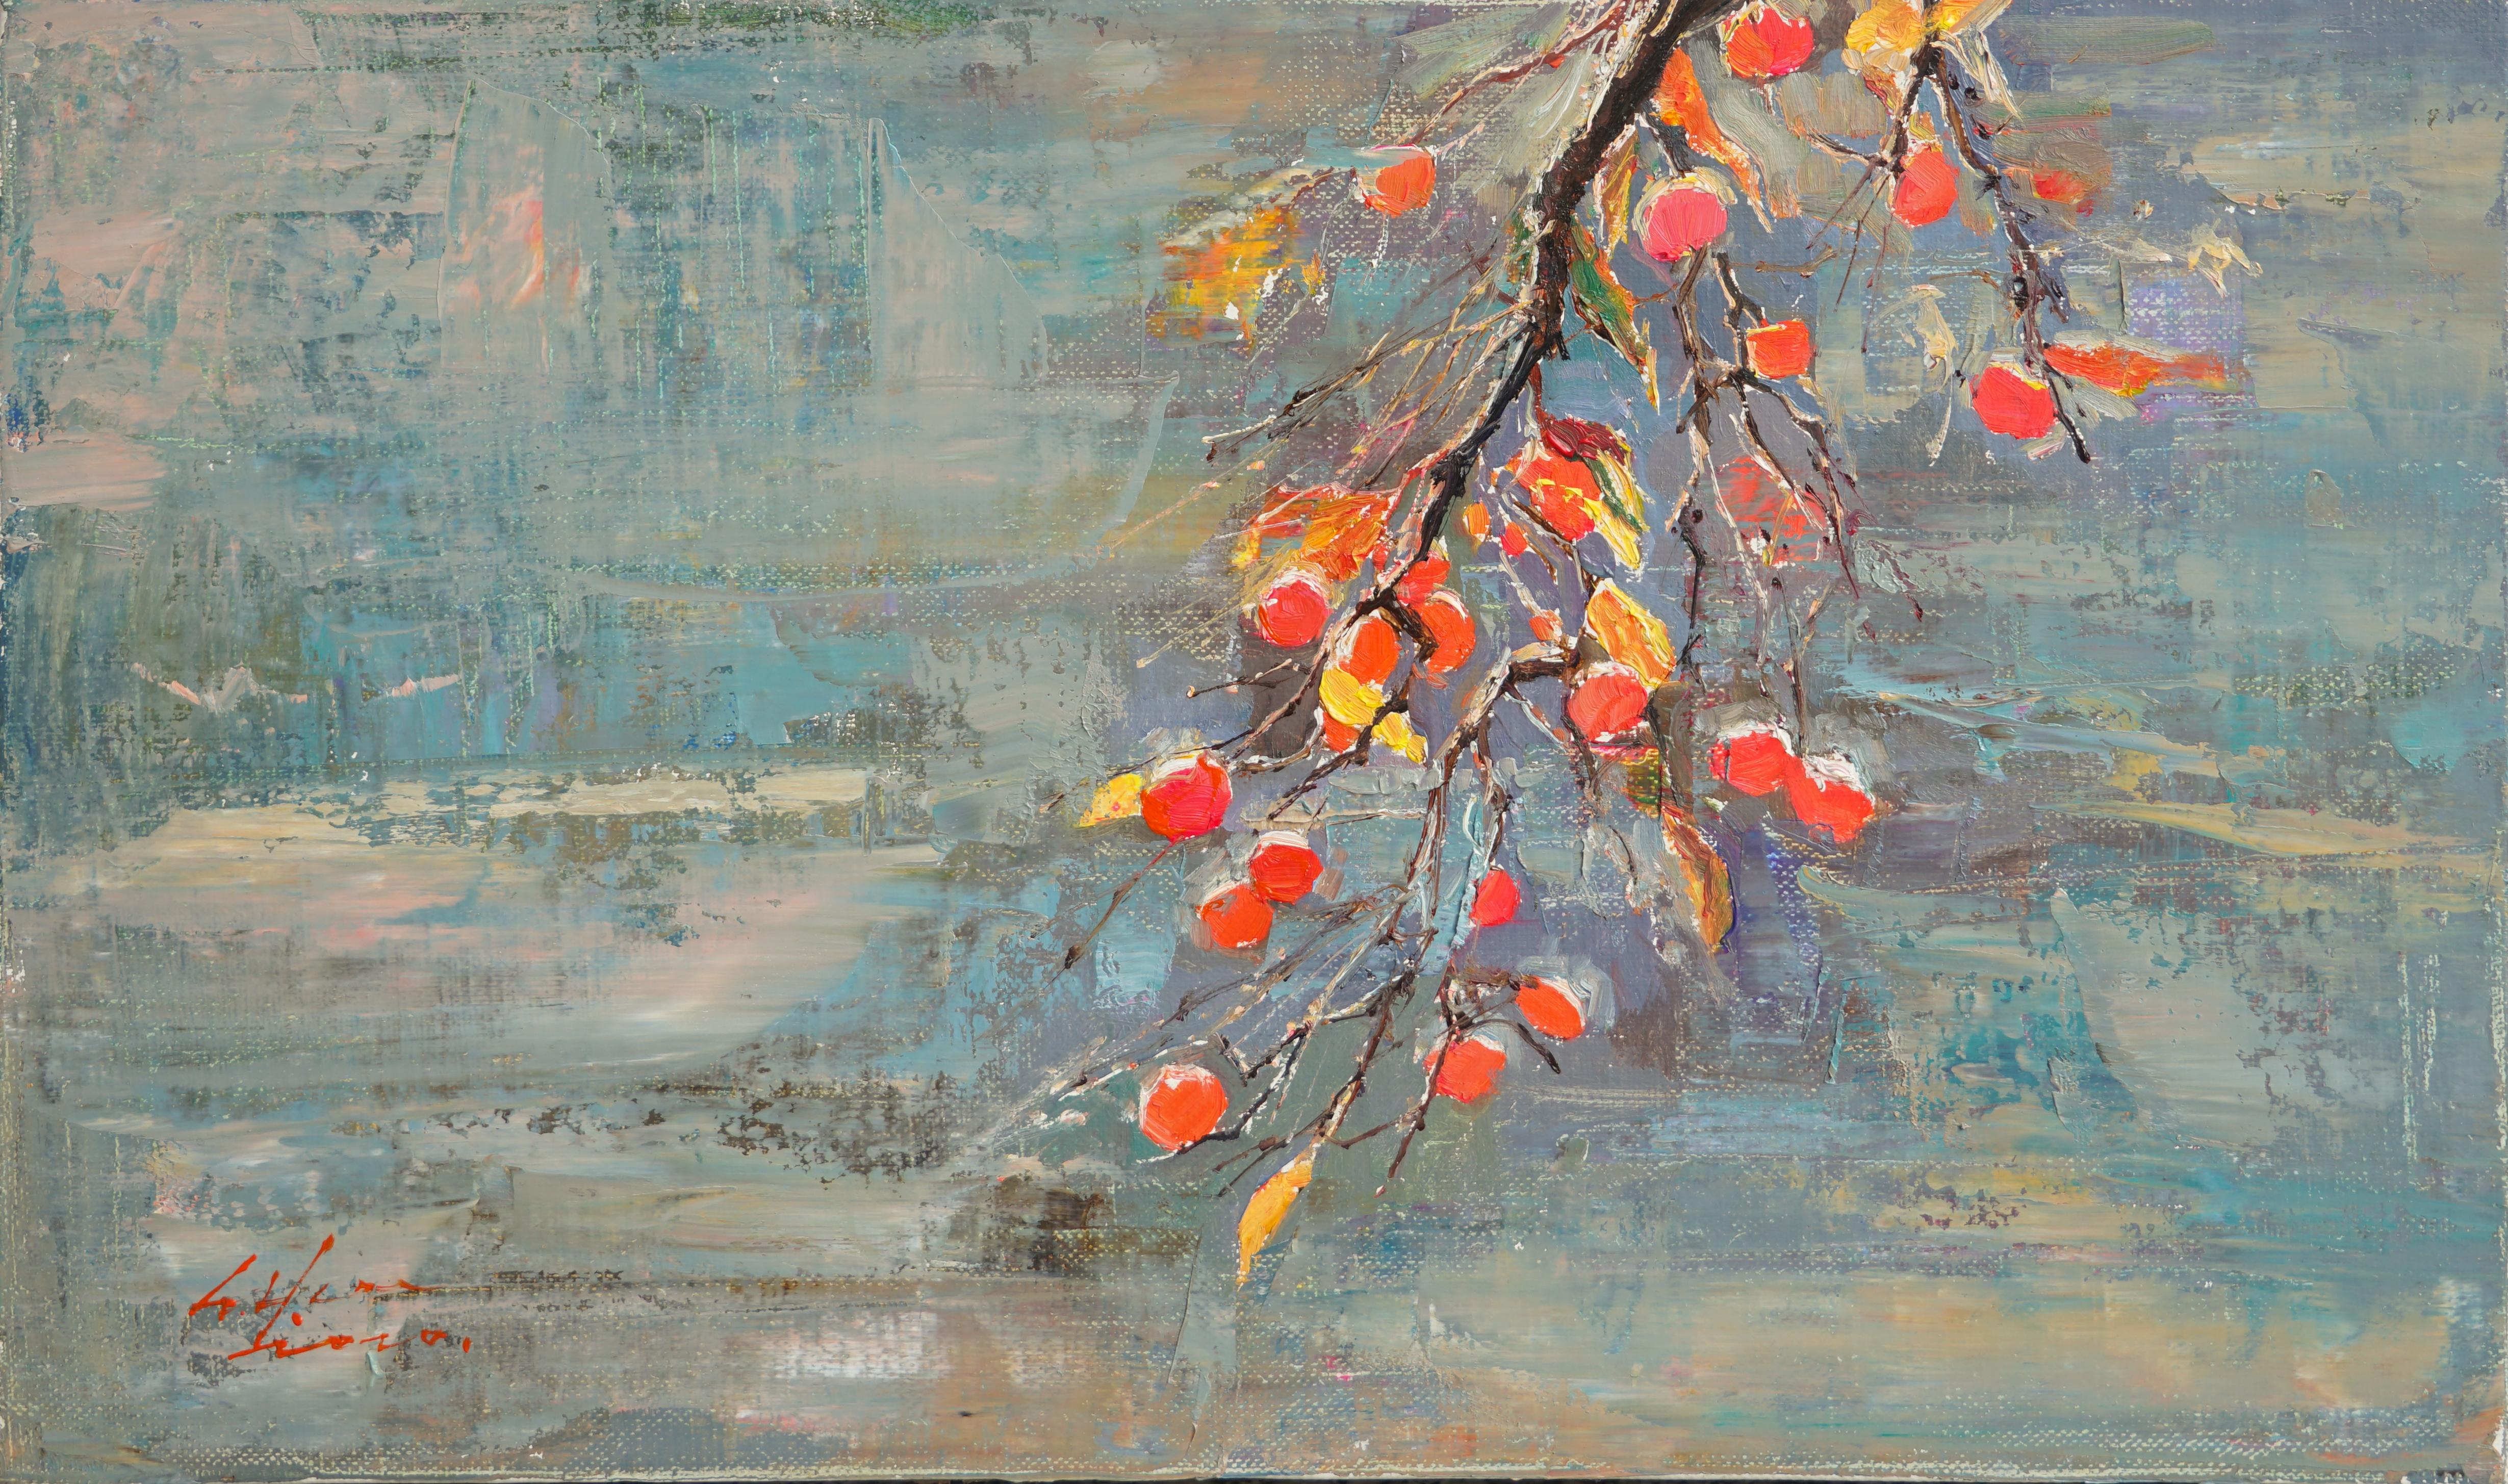 가을 40.9x24.4 Oil on canvas 2020